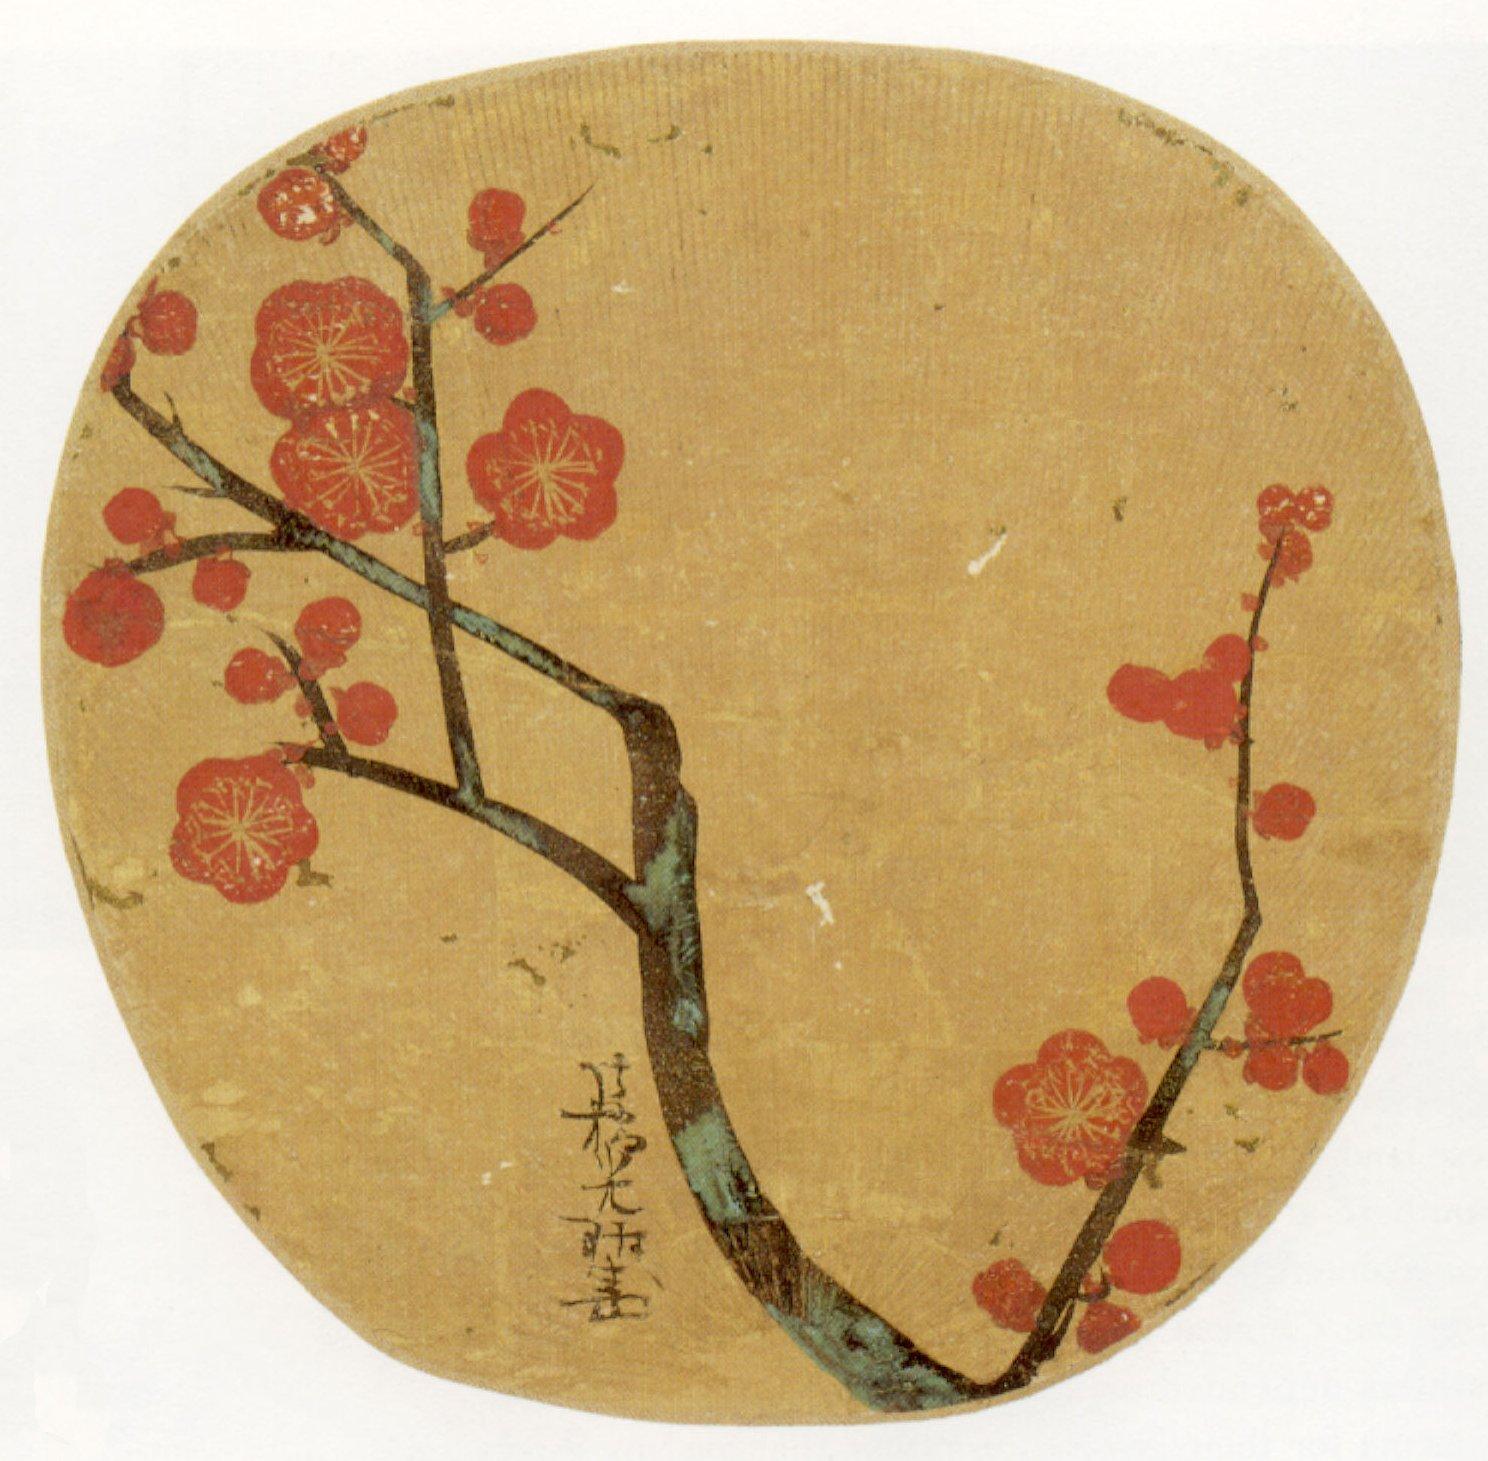 Aluksi viuhkat olivat pyöreähköjä. Perinteisen mallinen japanilainen uchiwa-viuhka 1700-luvulta